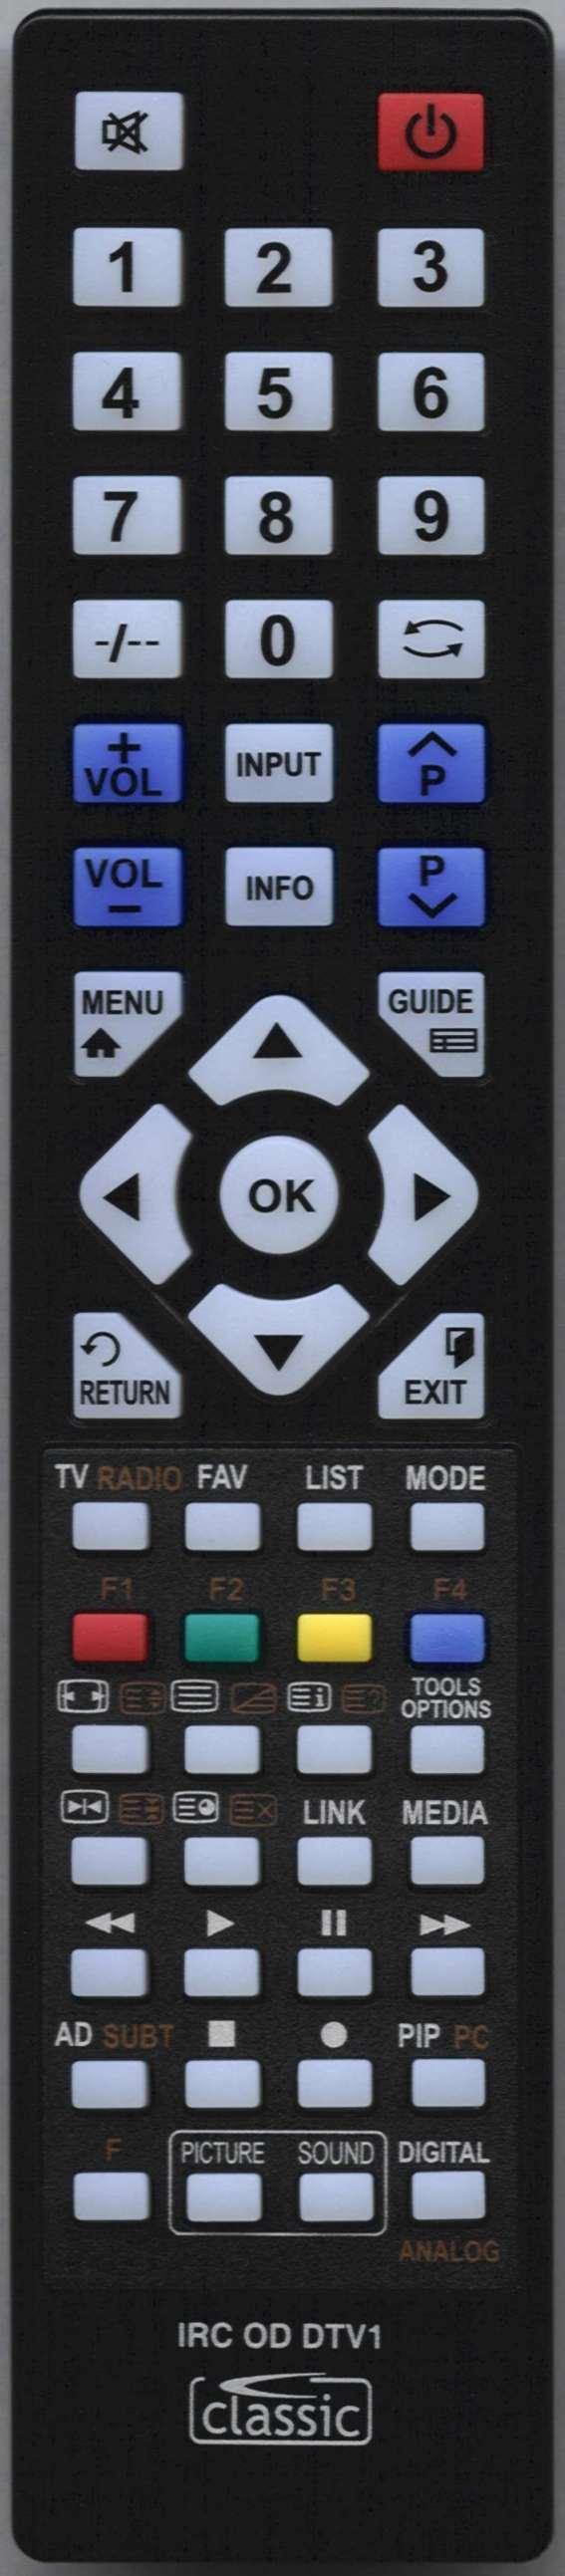 POLAROID SSDV3211-i1 Remote Control